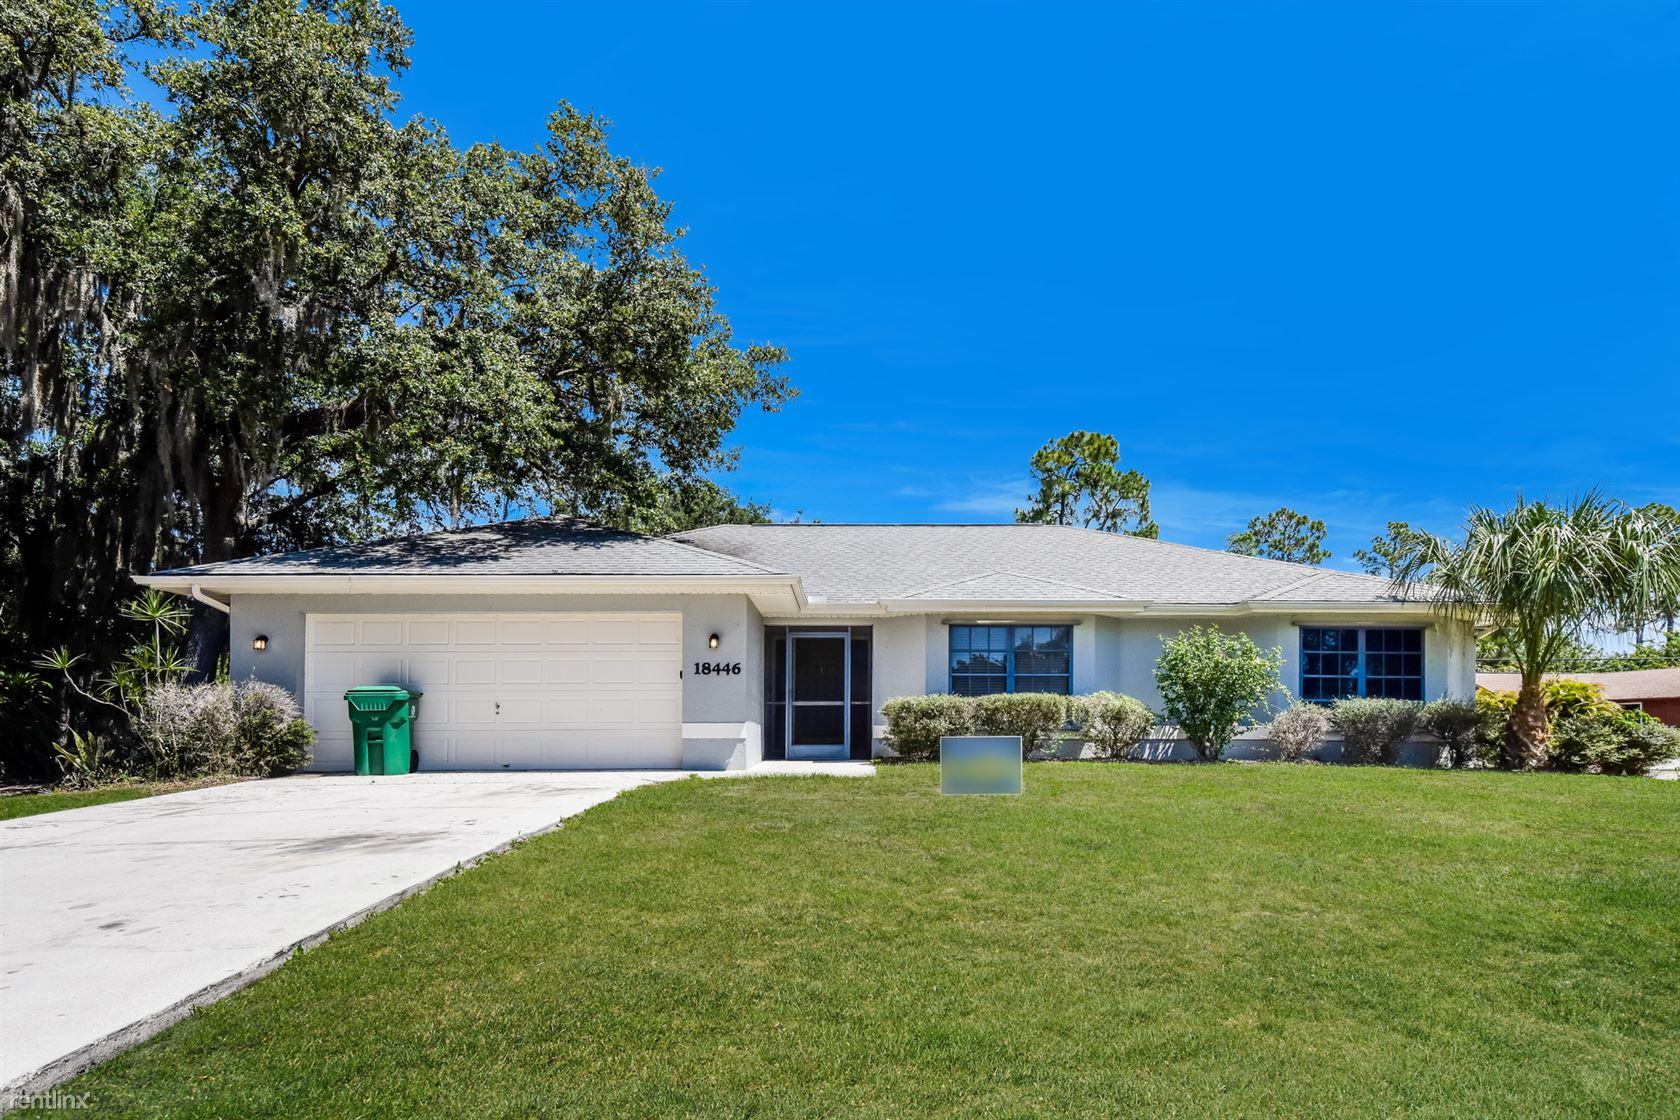 18446 Elgin Ave, Port Charlotte, FL - $1,629